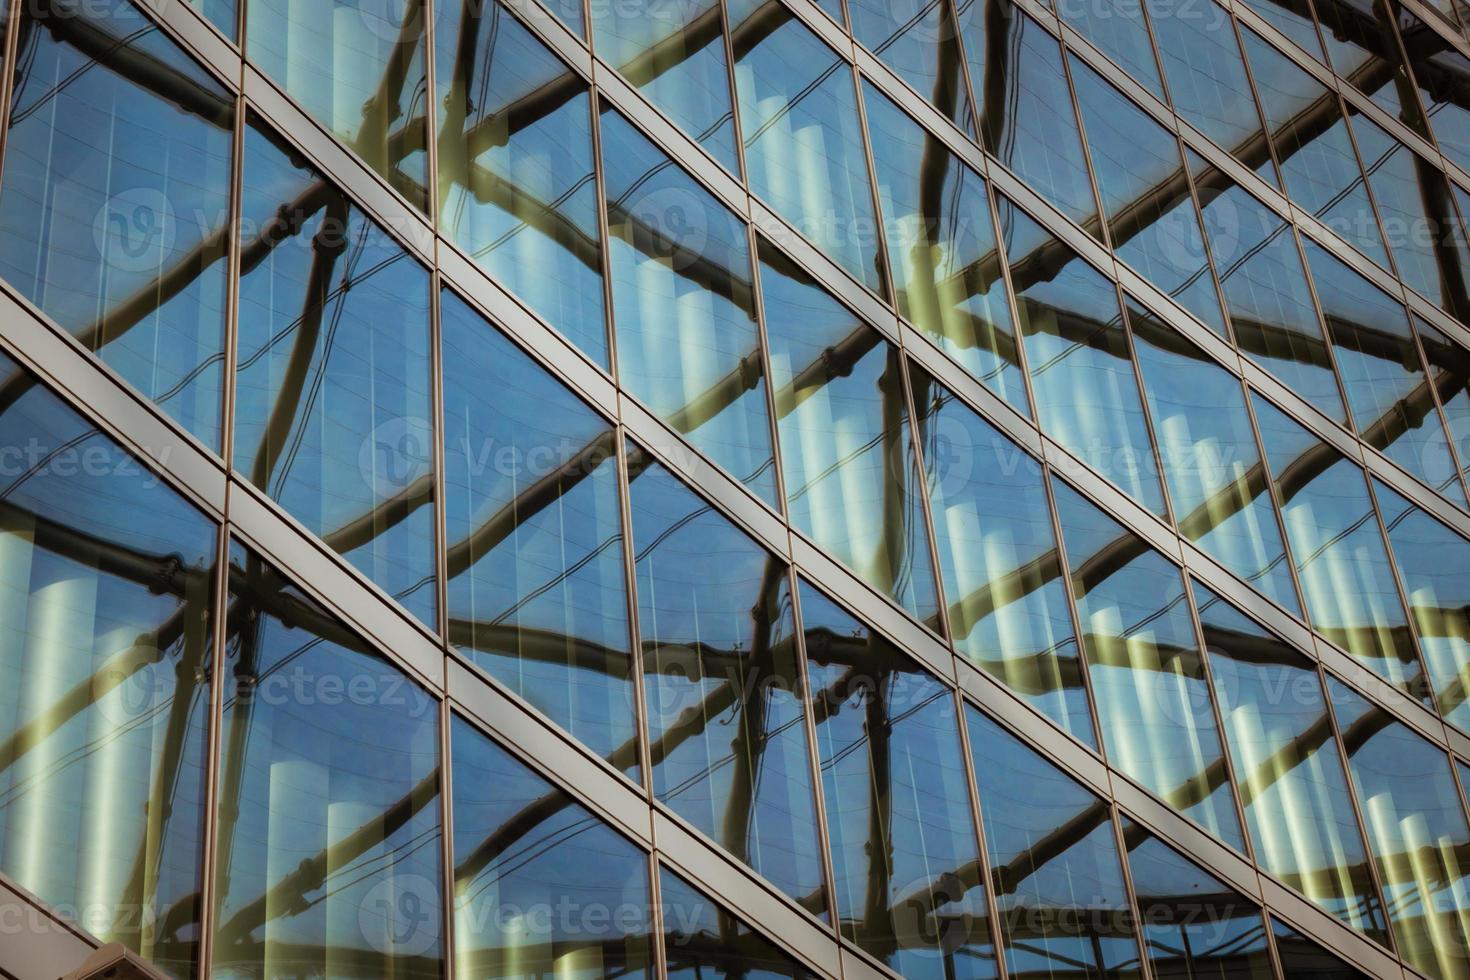 détail architectural d'un bâtiment moderne photo